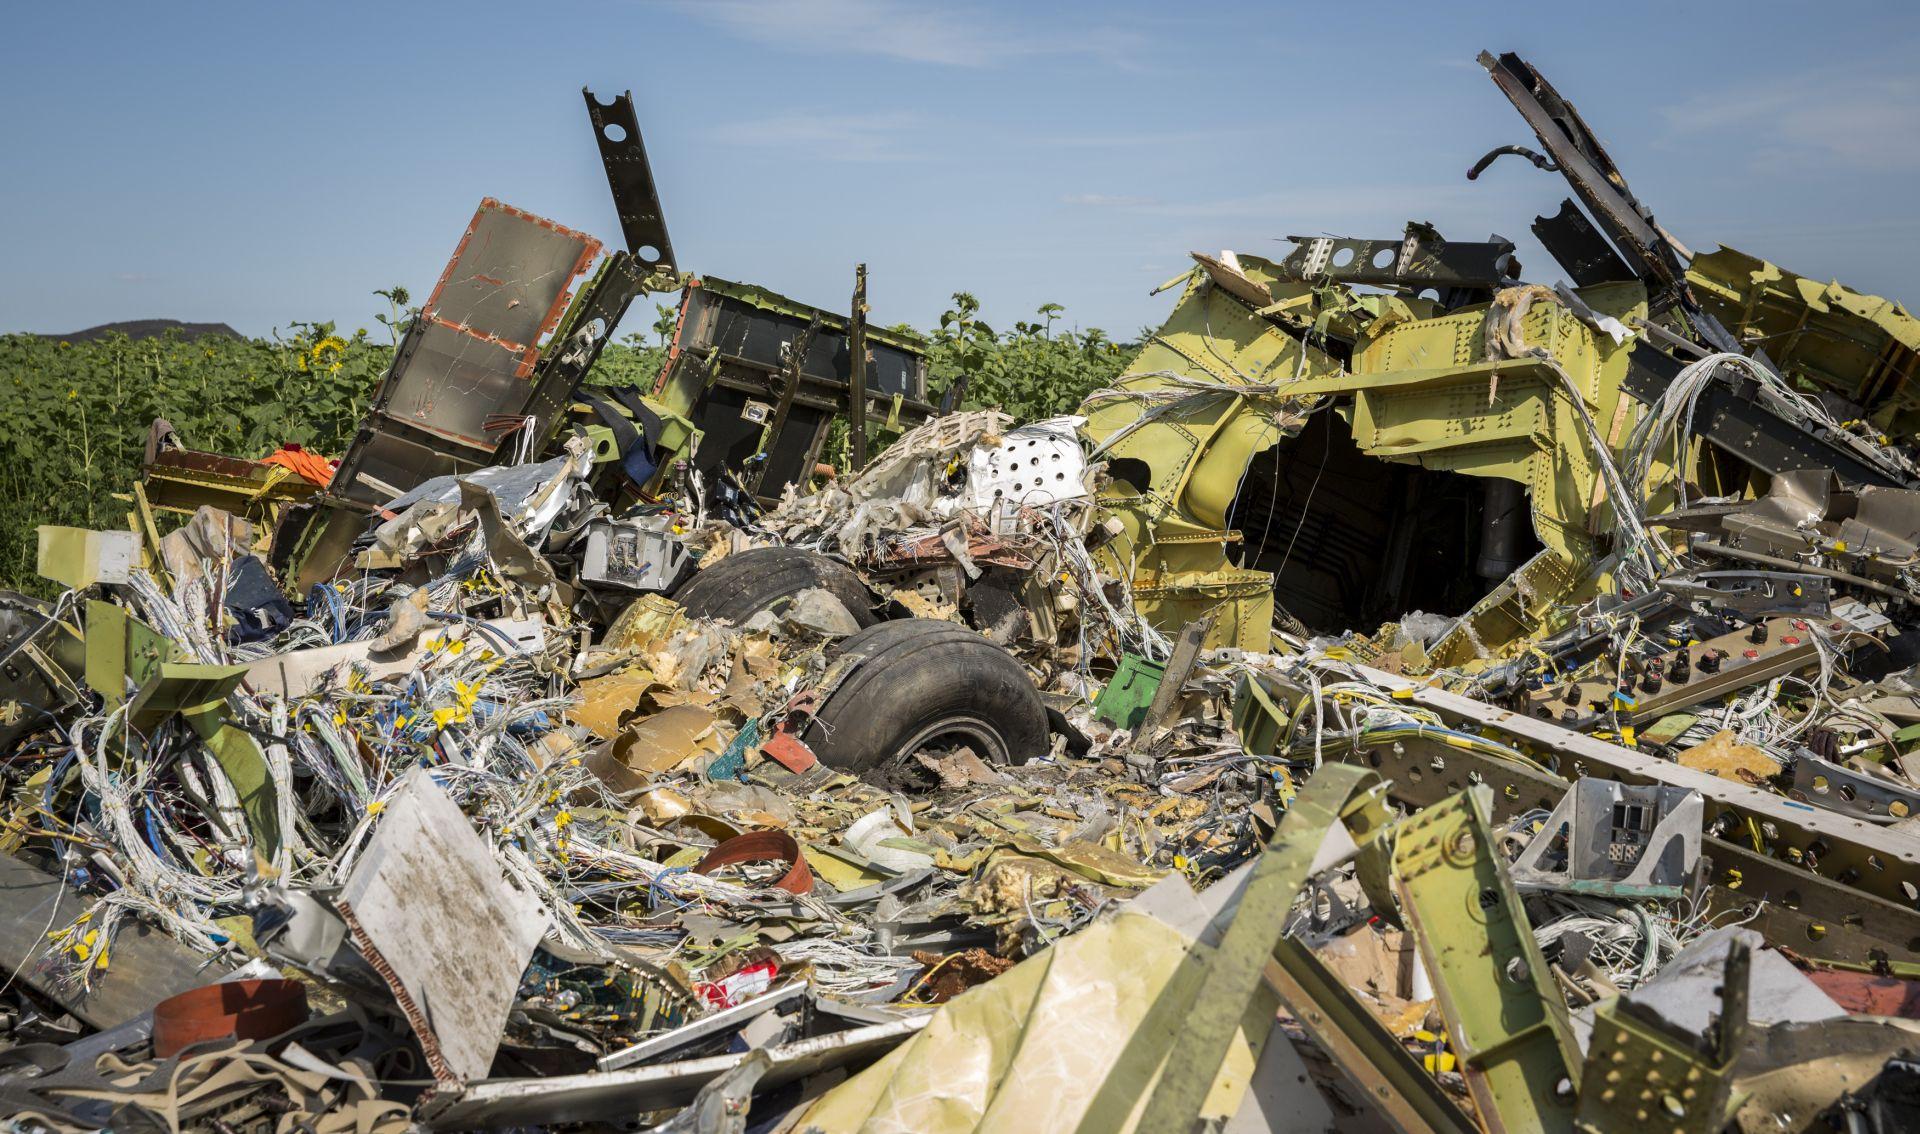 INCIDENT U UKRAJINI: Nizozemsko izvješće potvrdilo da je MH17 srušen ruskim projektilom BUK